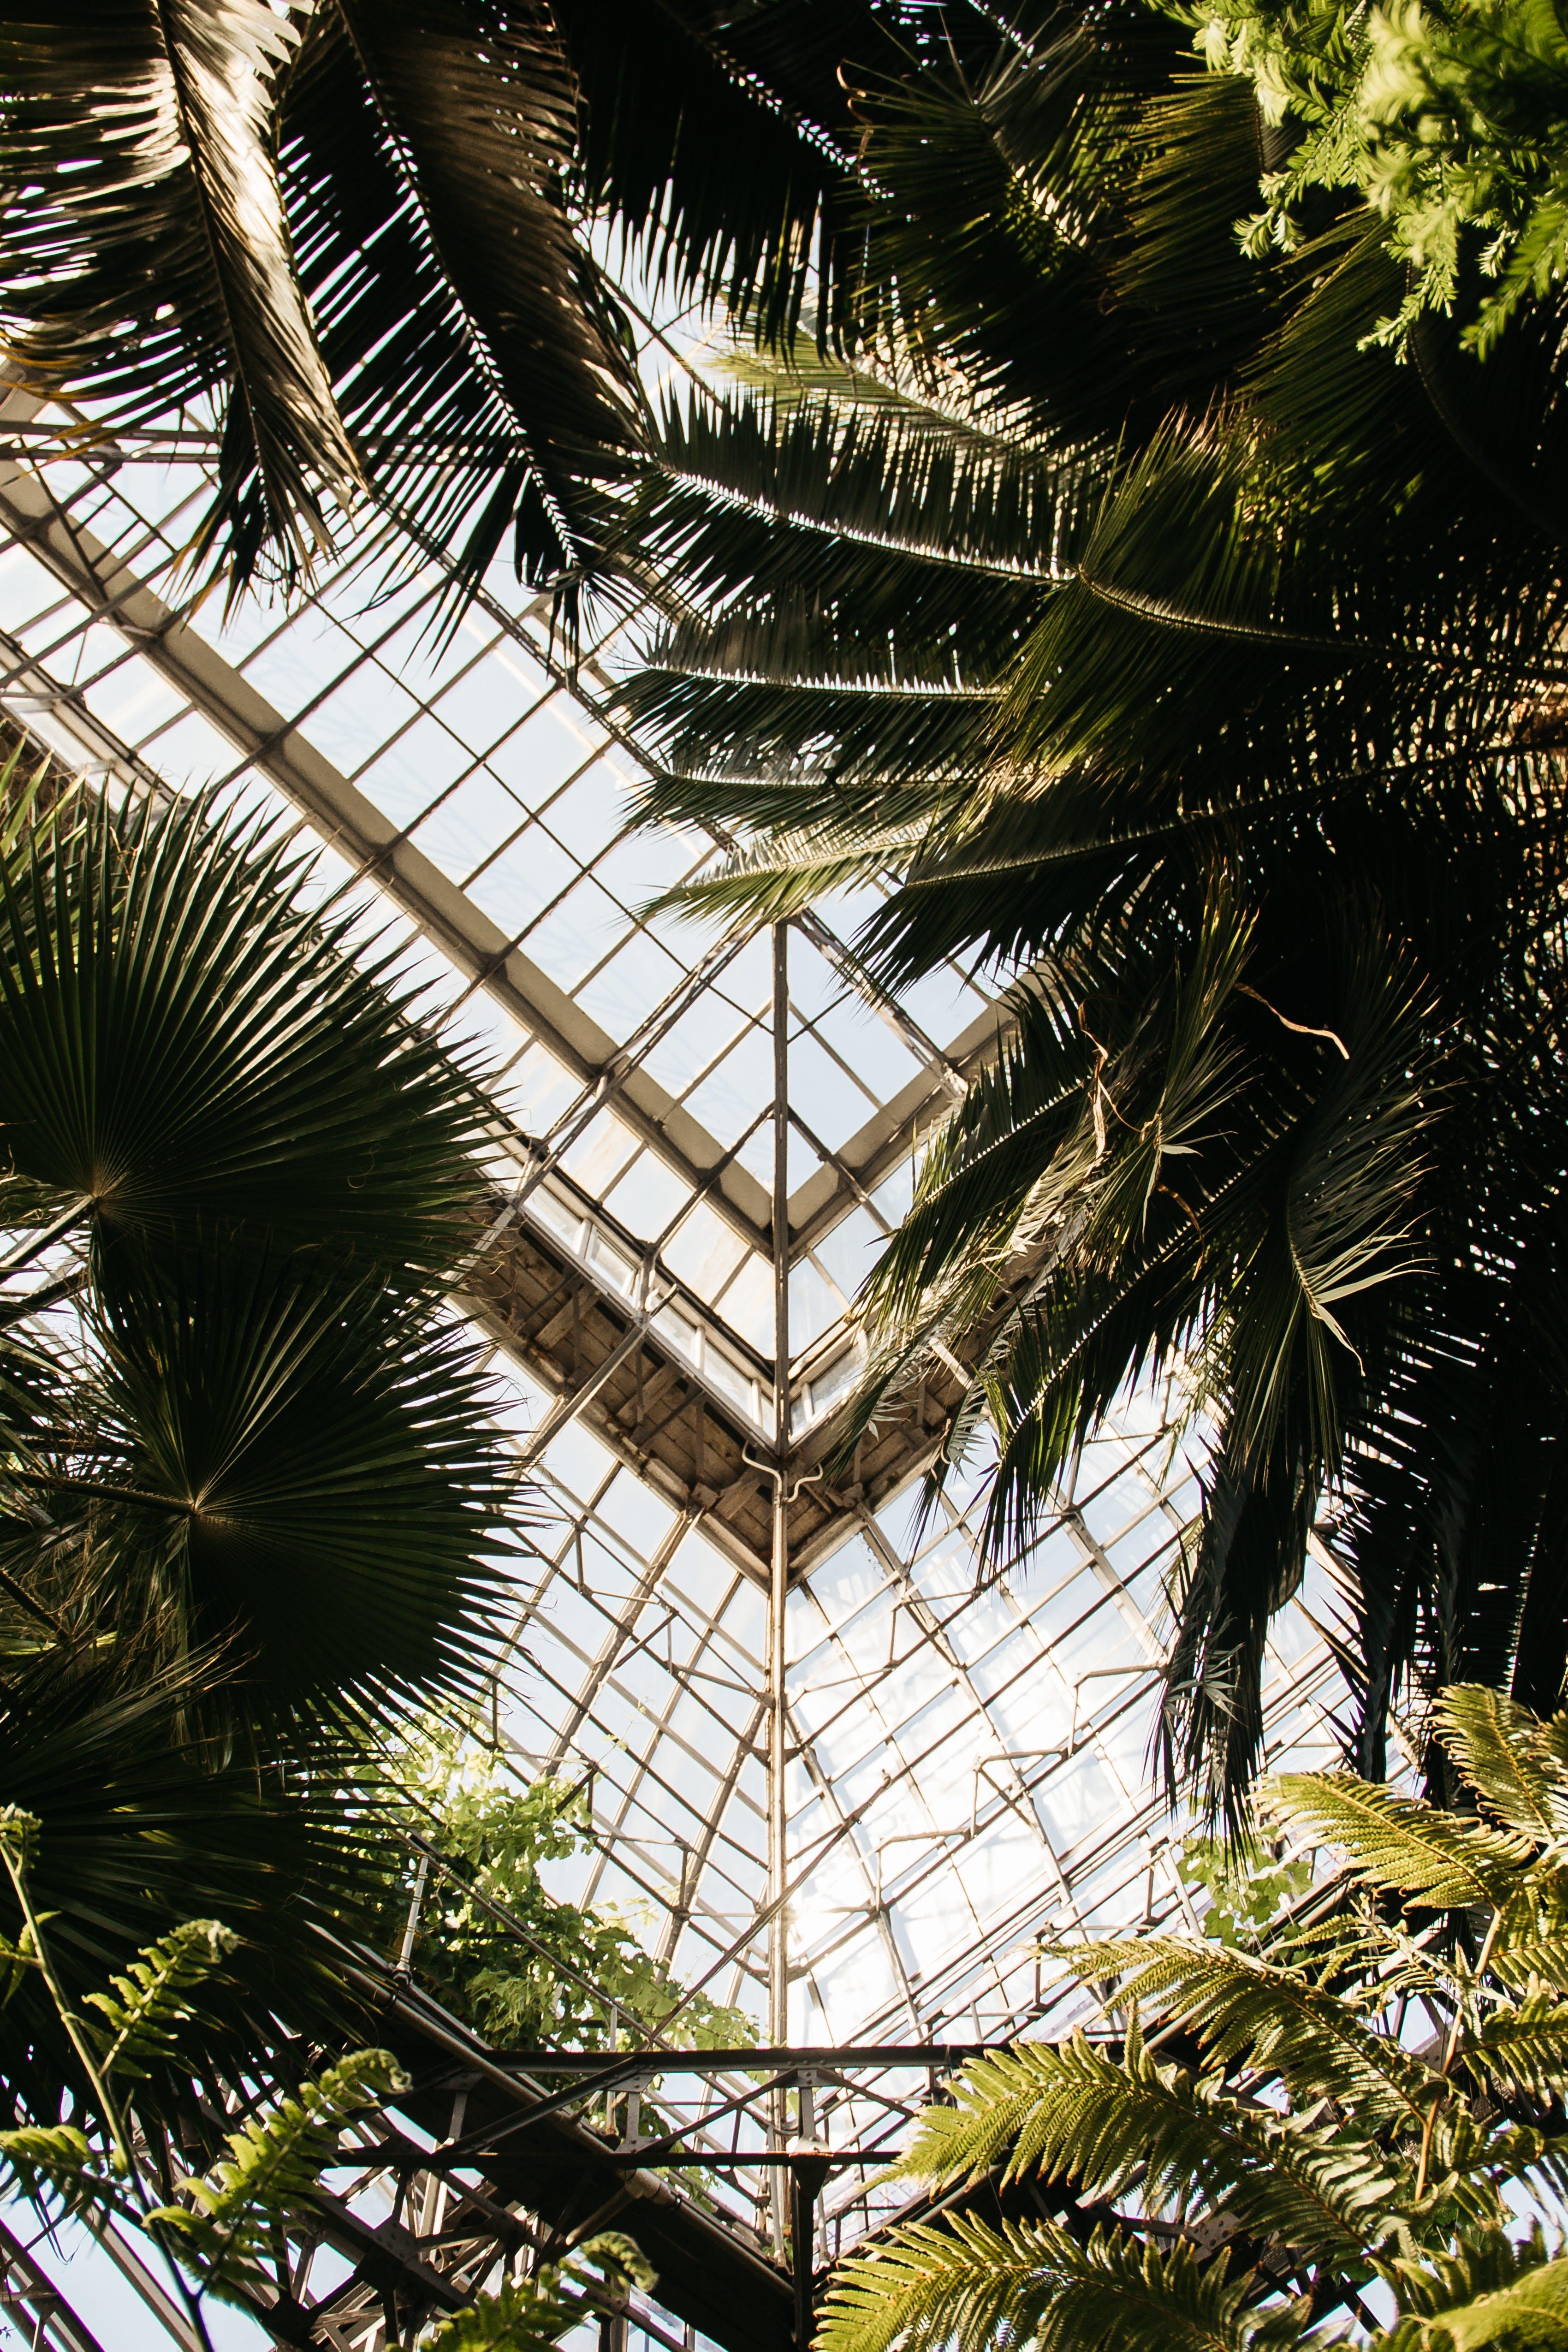 Kostenloses Stock Foto zu architektur, baum, bäume, blatt